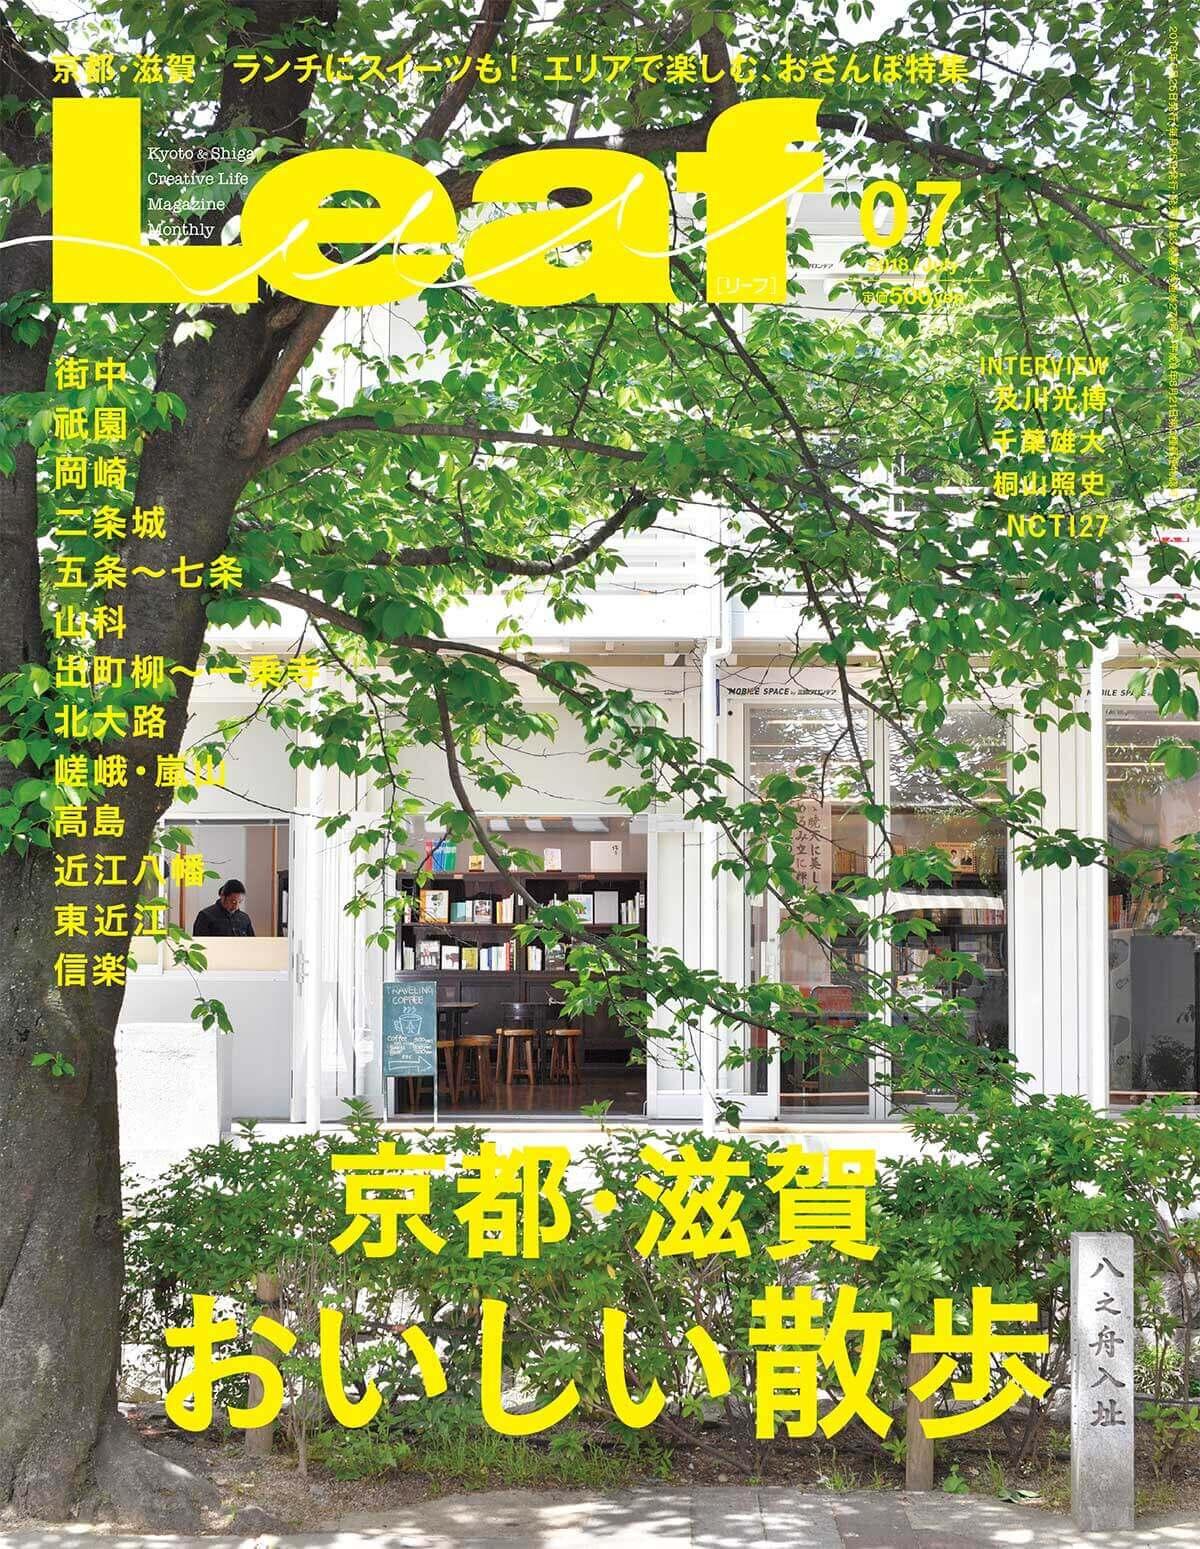 Leaf - 京都・滋賀 おいしい散歩